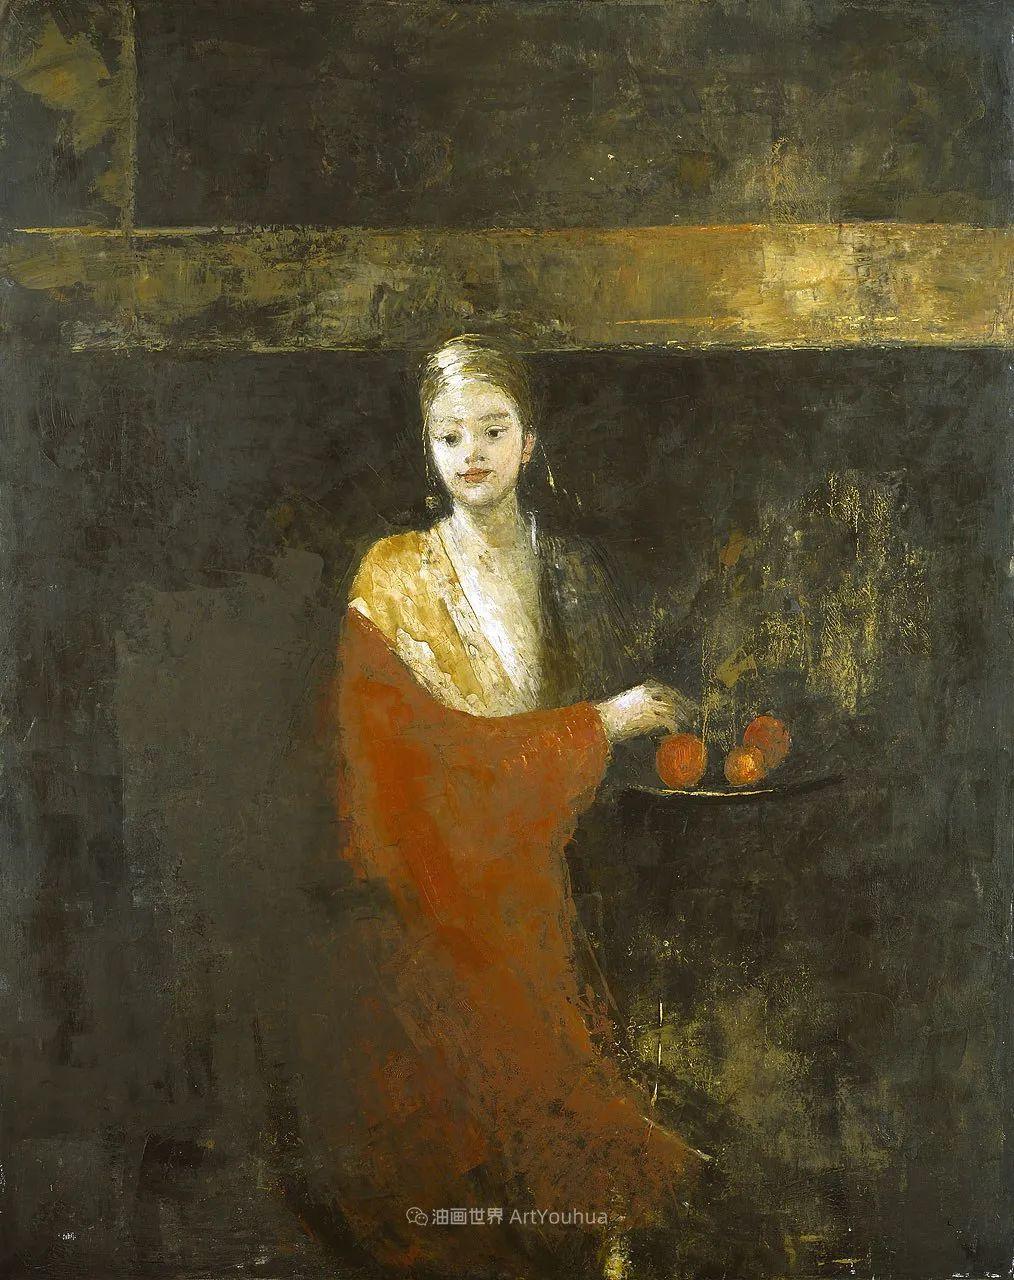 她从古代壁画中汲取灵感,但作品有一种非常现代、神秘的感觉!插图55